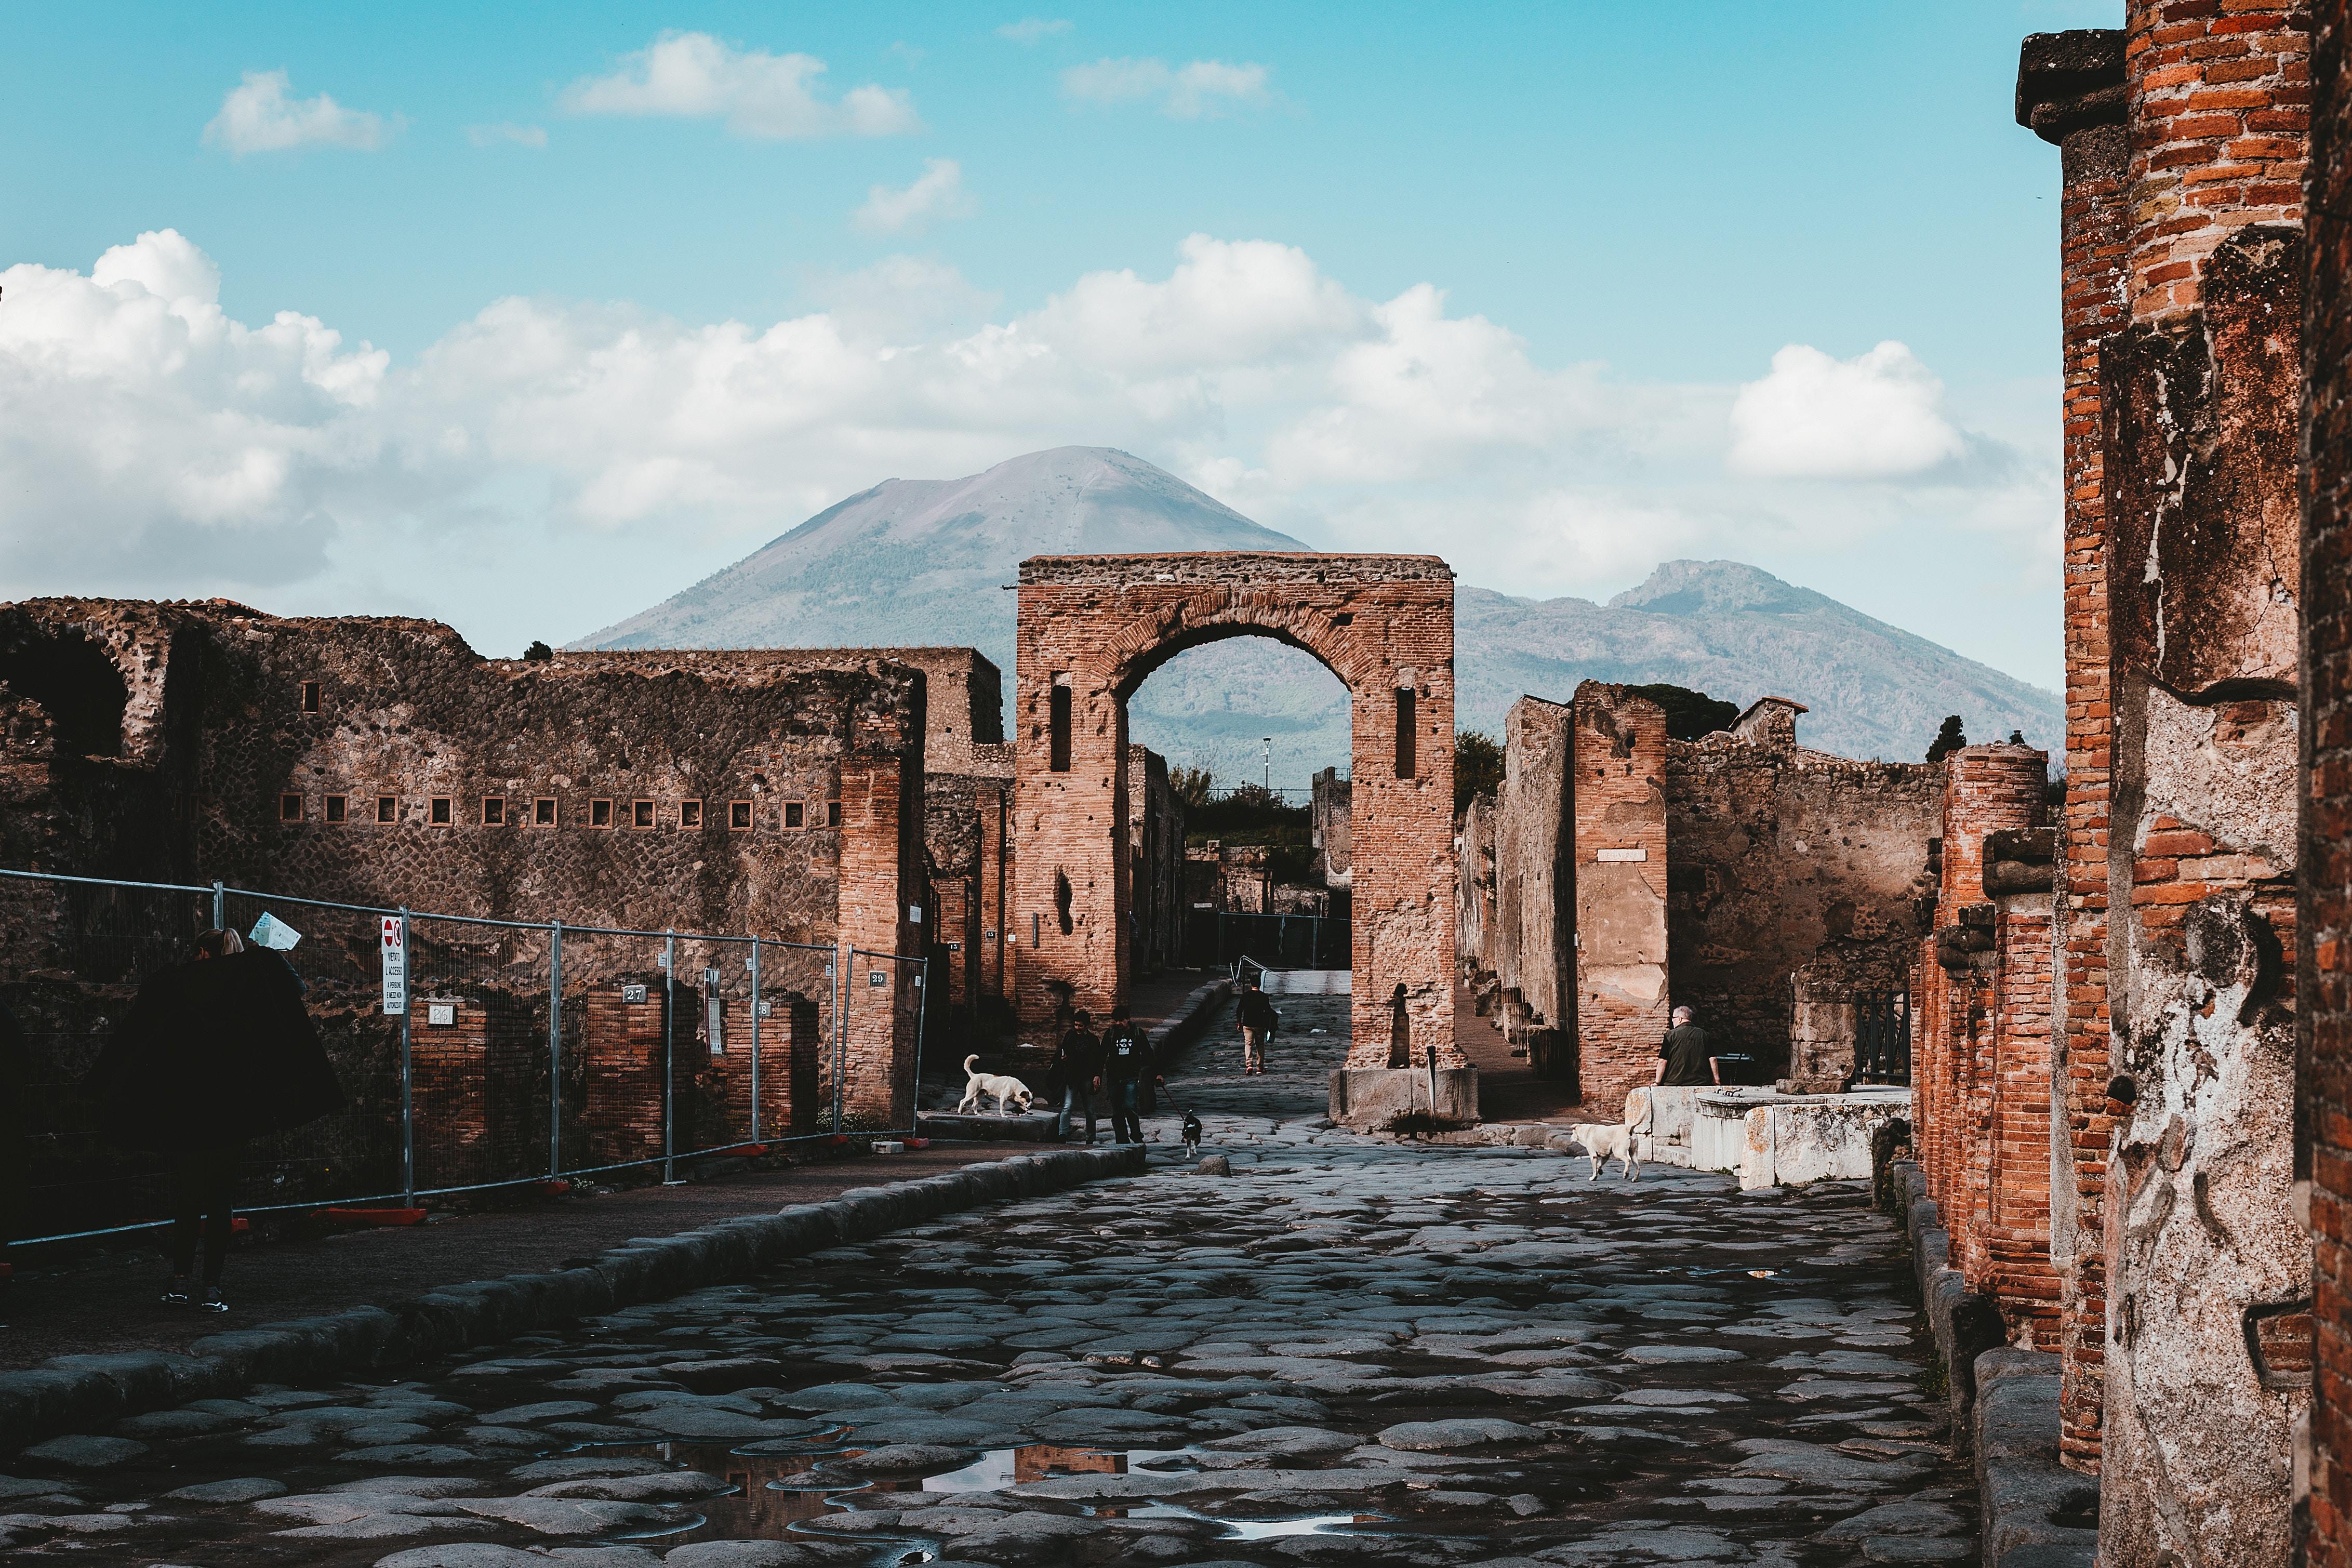 Vesuvius in the background of Pompeii's ruins